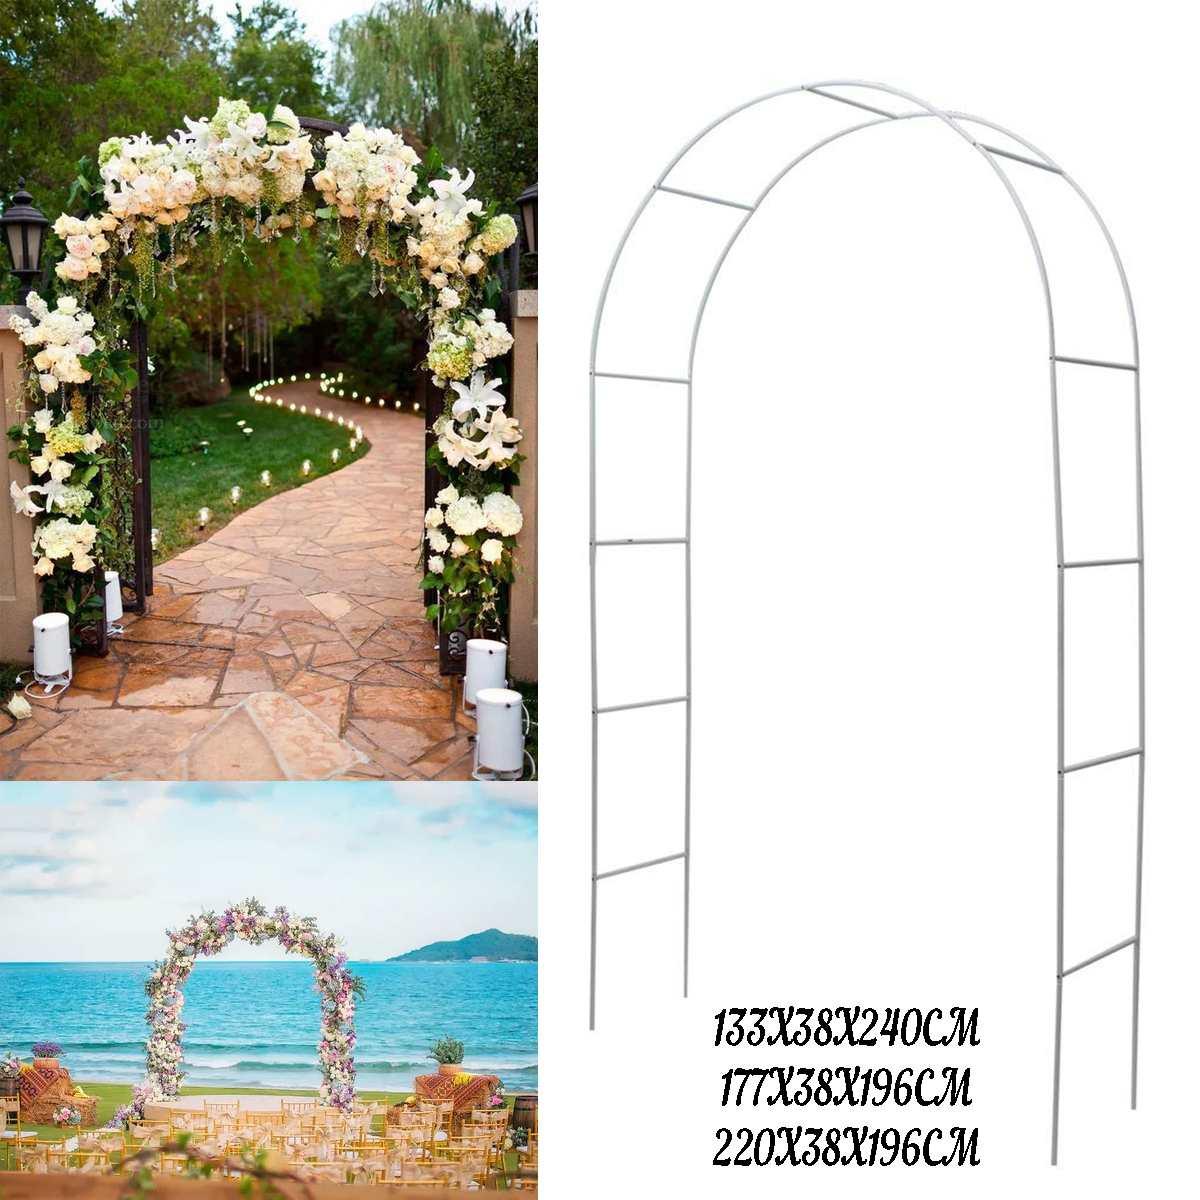 Белая металлическая АРКА, вертикальная подставка для стойки, набор для свадебной вечеринки, свадьбы, выпускного вечера, сада, цветочные укр